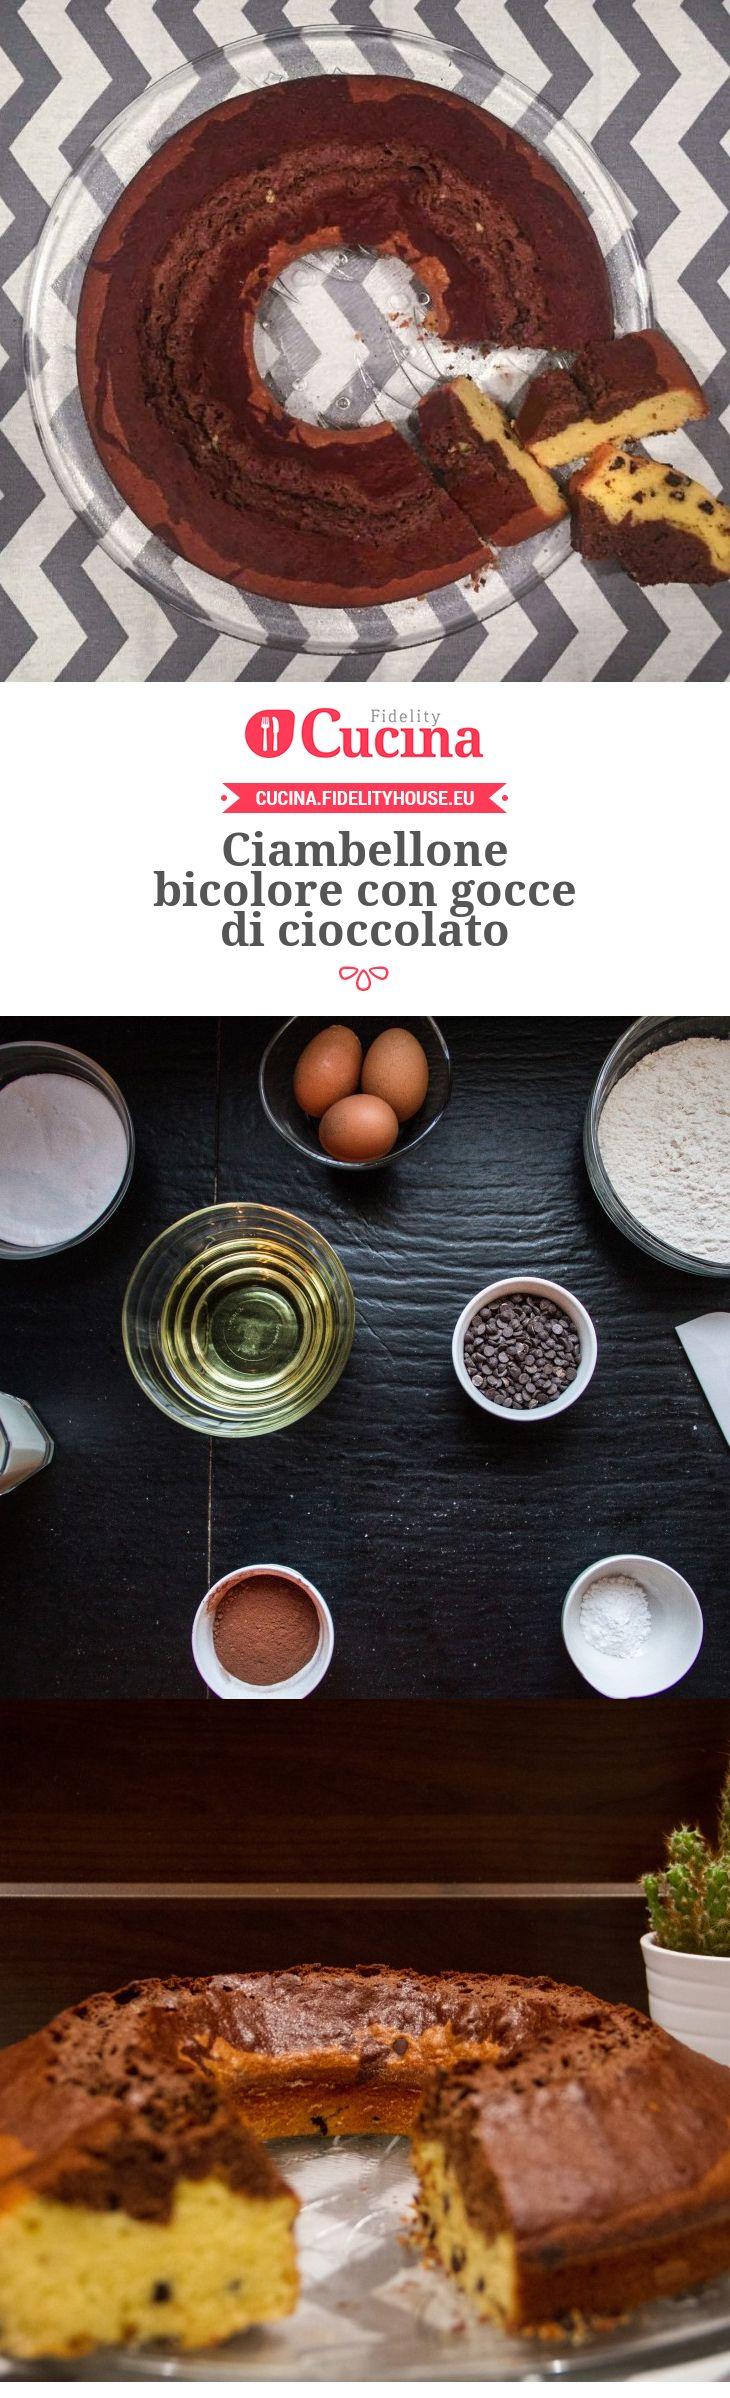 Ciambellone bicolore con gocce di #cioccolato della nostra utente Fabiola. Unisciti alla nostra Community ed invia le tue ricette!